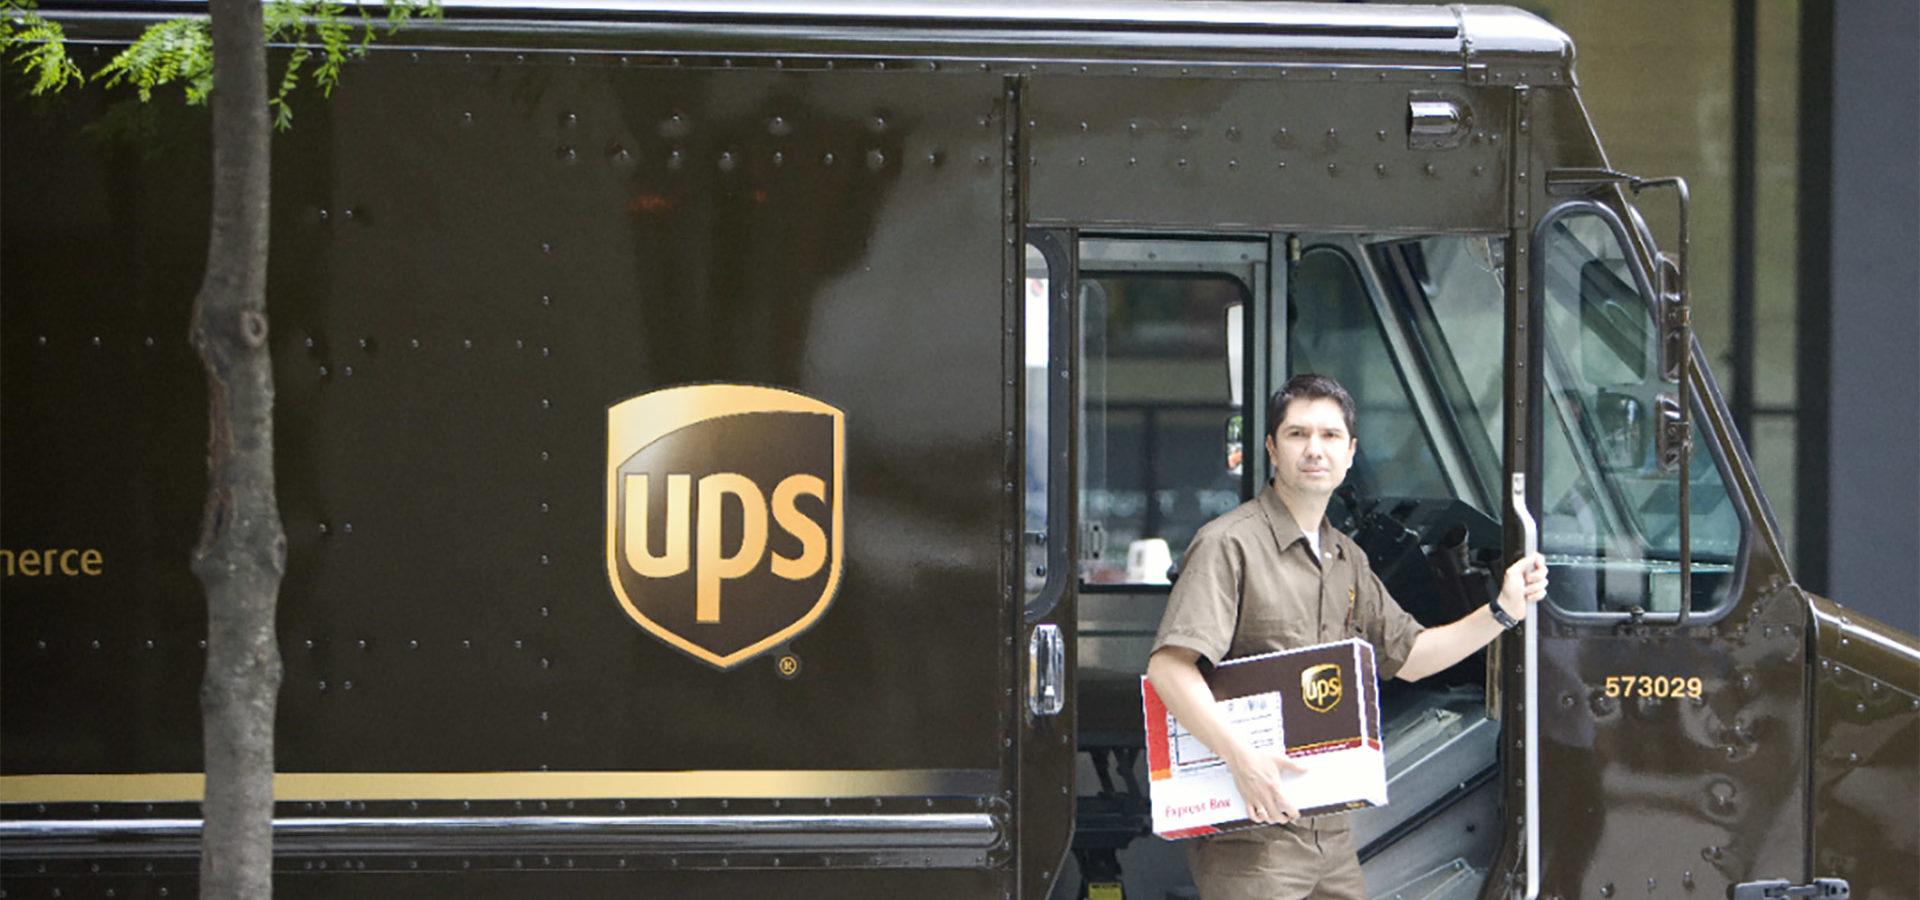 Teamsters 855 - UPS